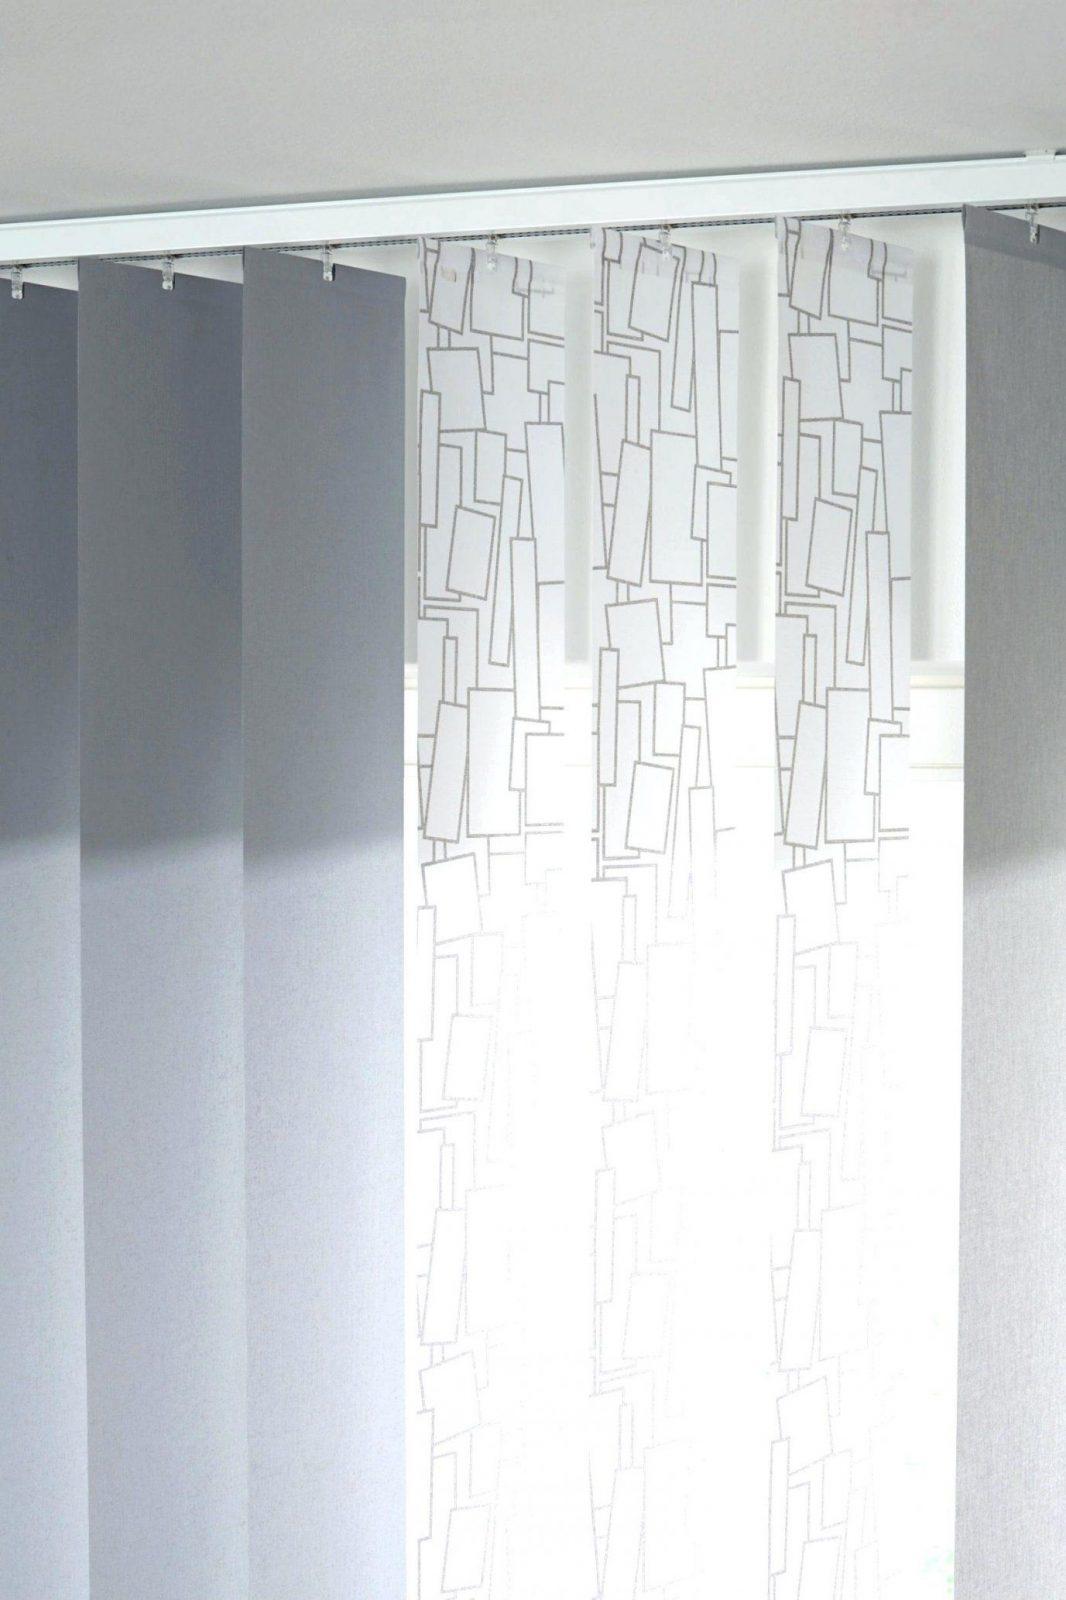 Schiebevorhang Ikea Fabelhafte Gemtliche Innenarchitektur Raumteiler von Ikea Gardinen Waschen Bild